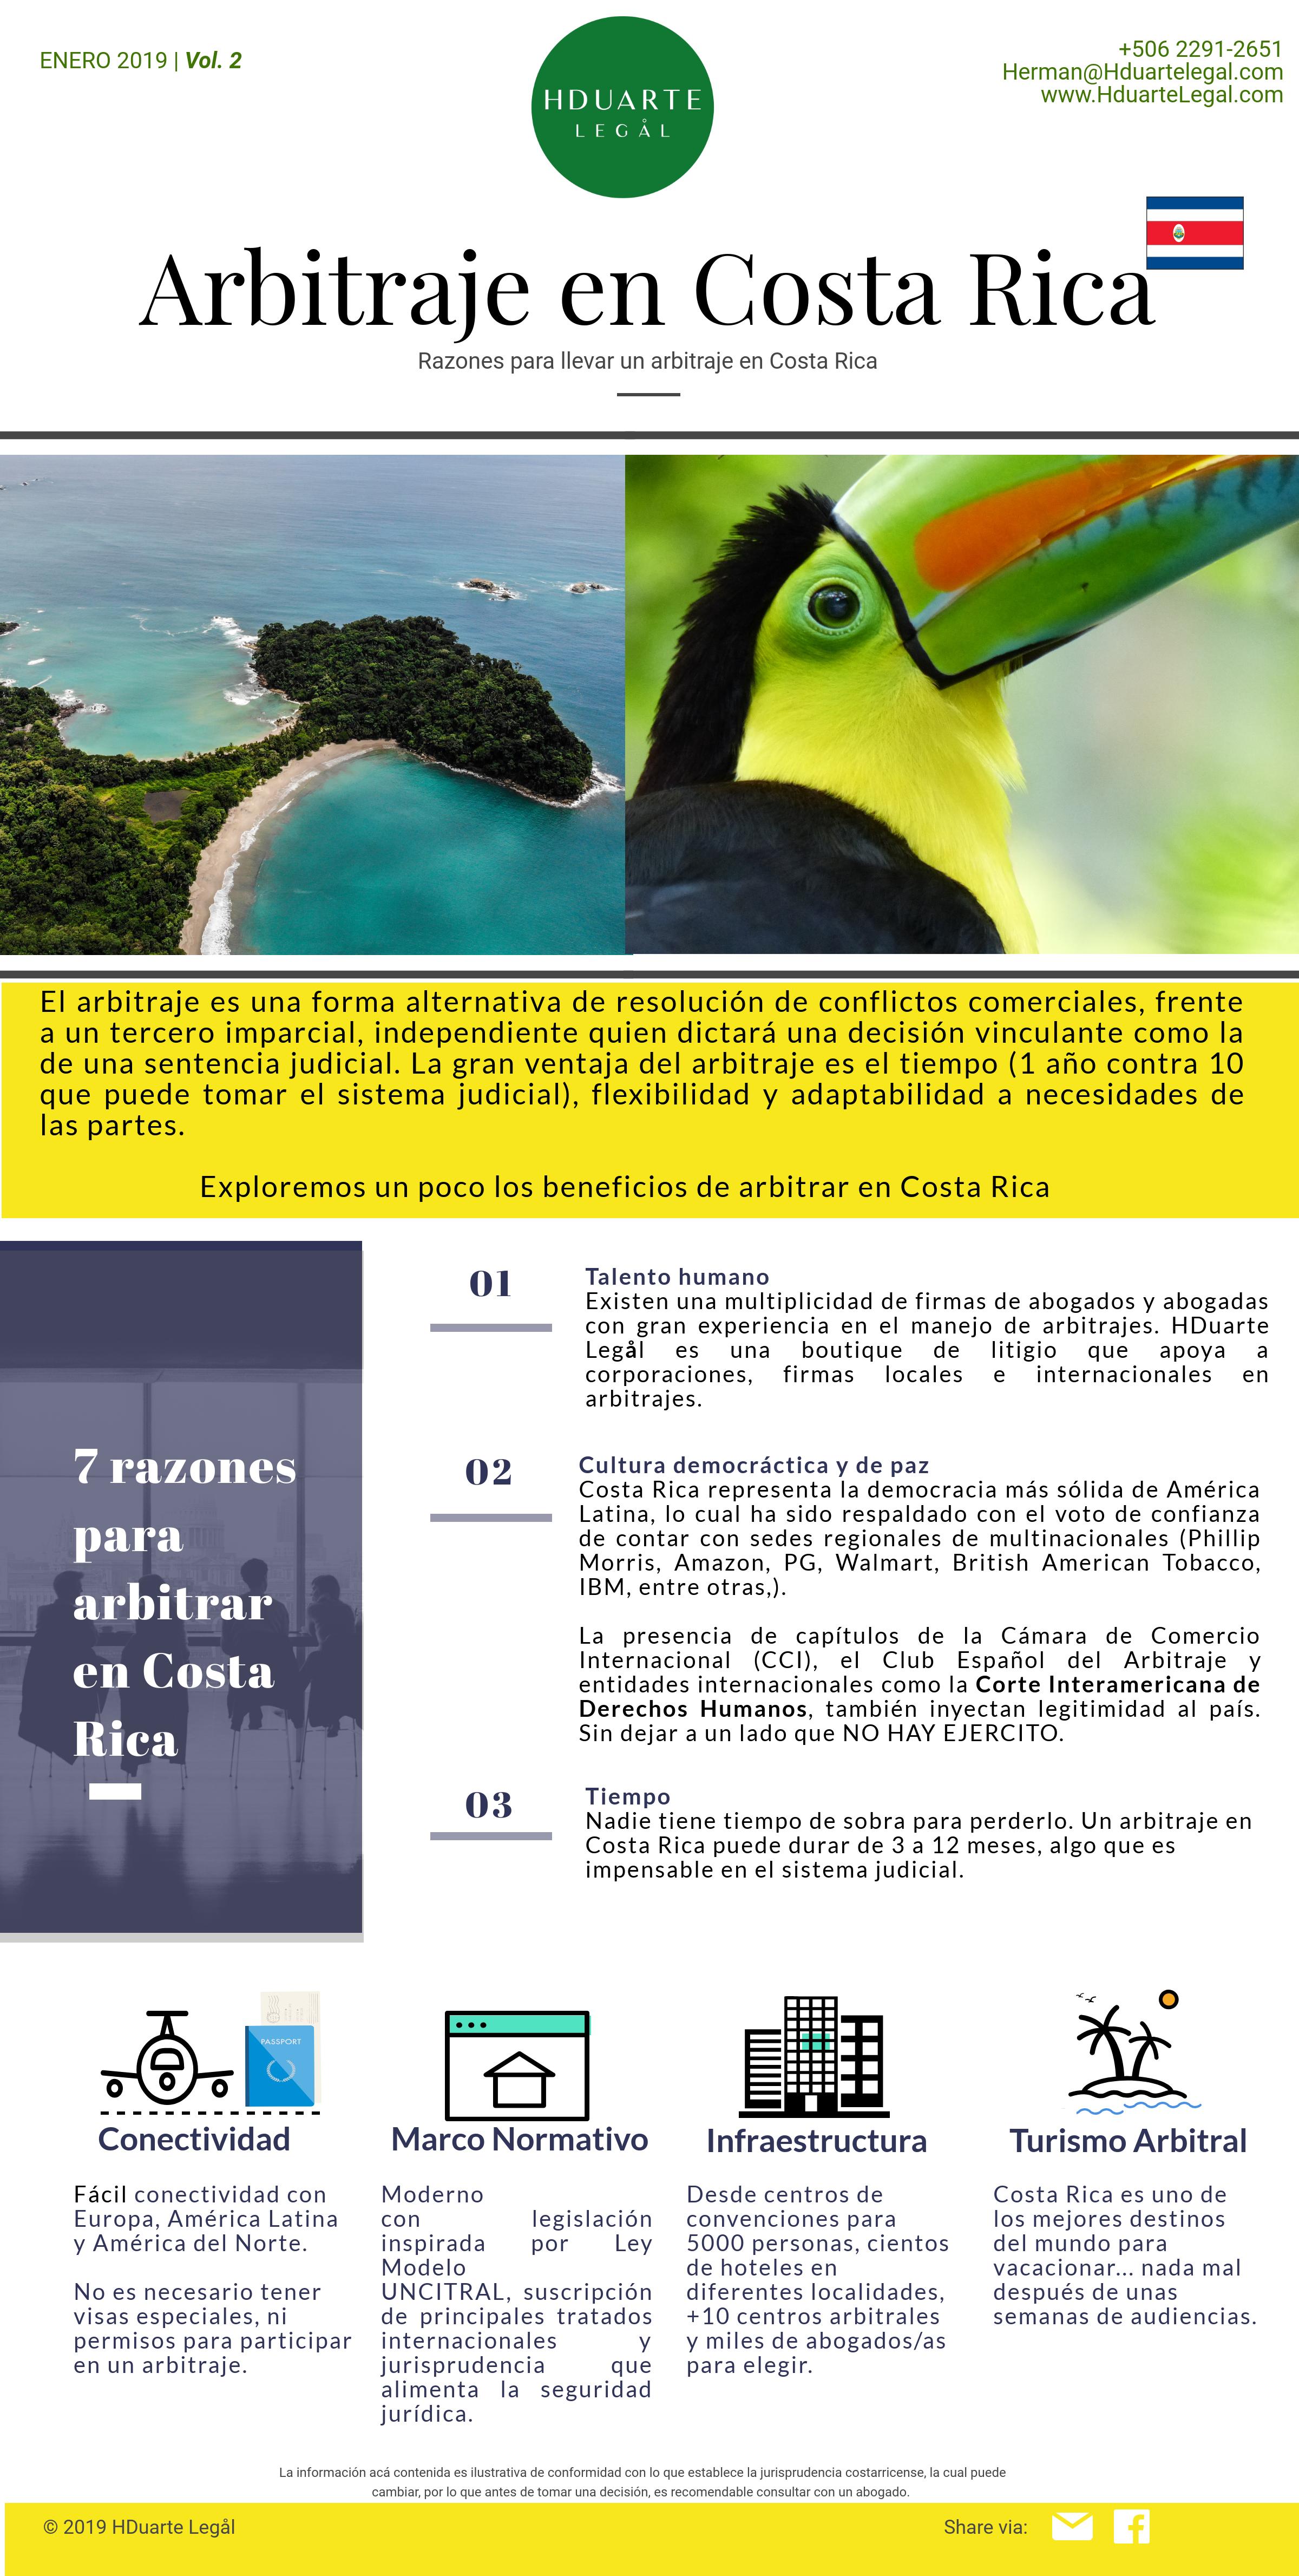 Arbitraje-en-Costa-Rica